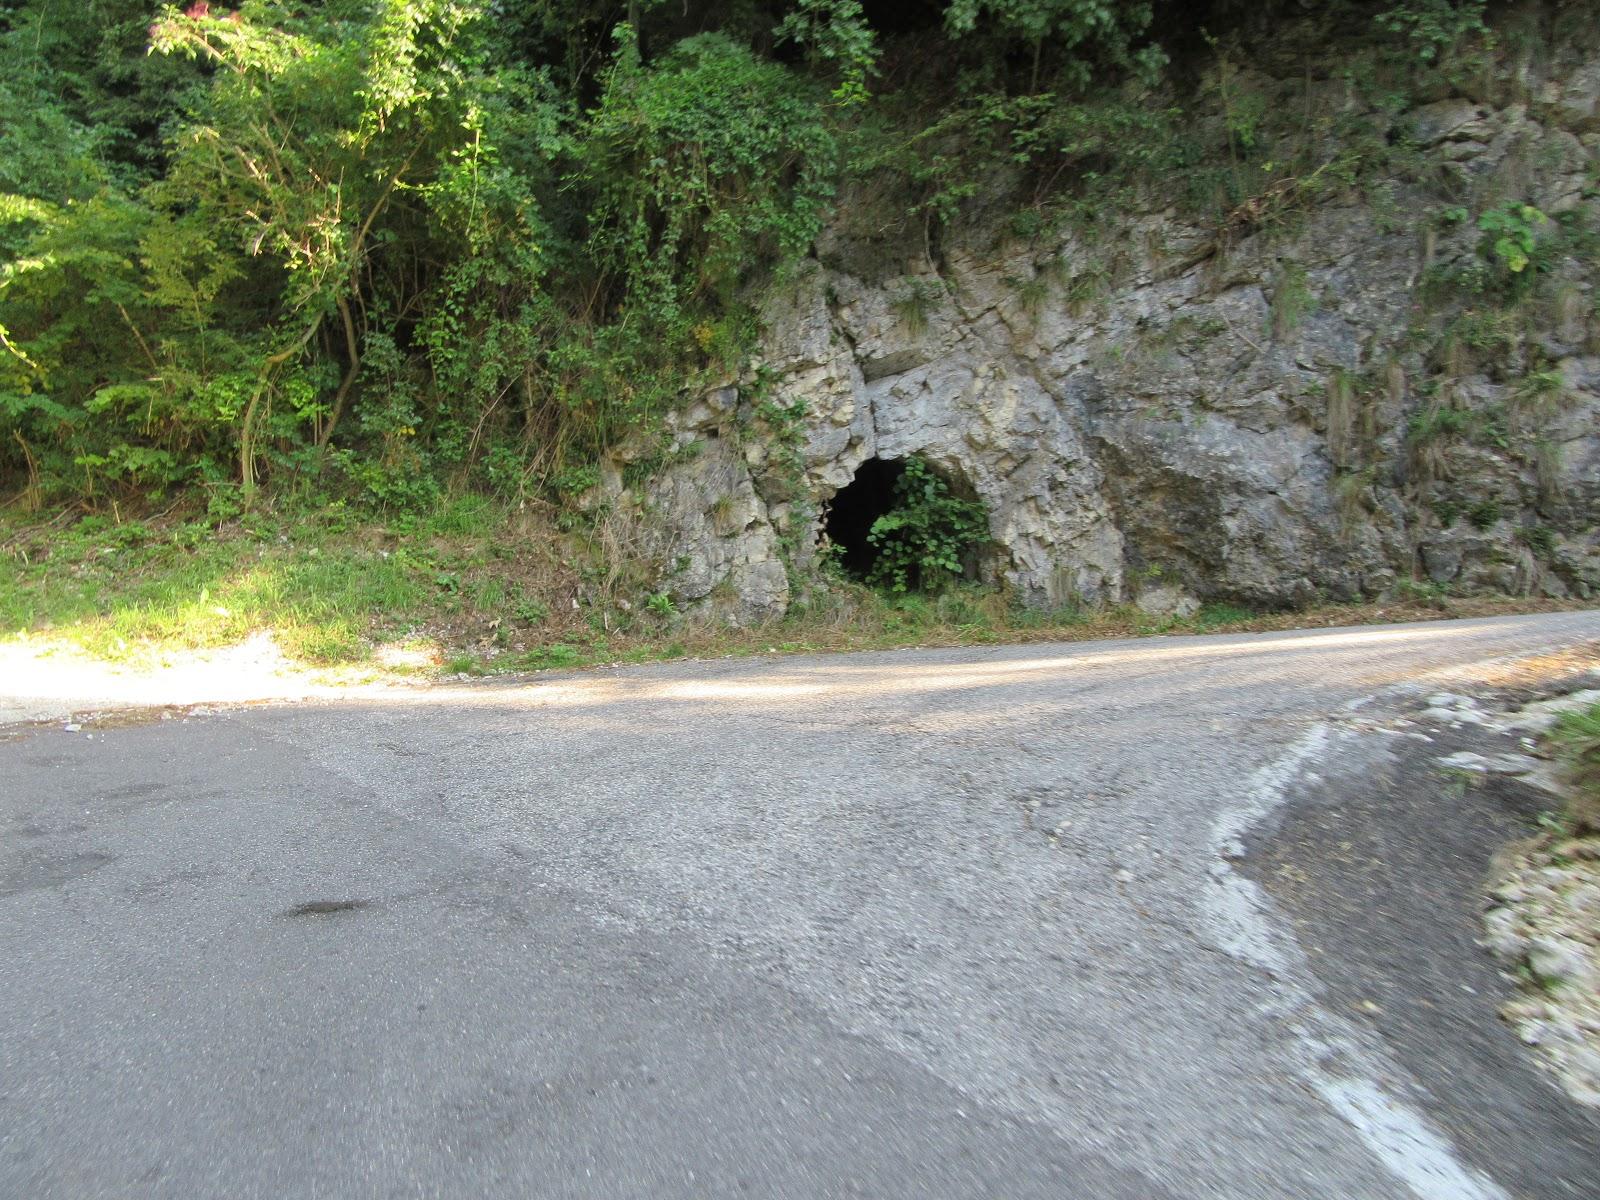 Biking Monte Grappa - Cavaso del Tomba - WW I tunnel